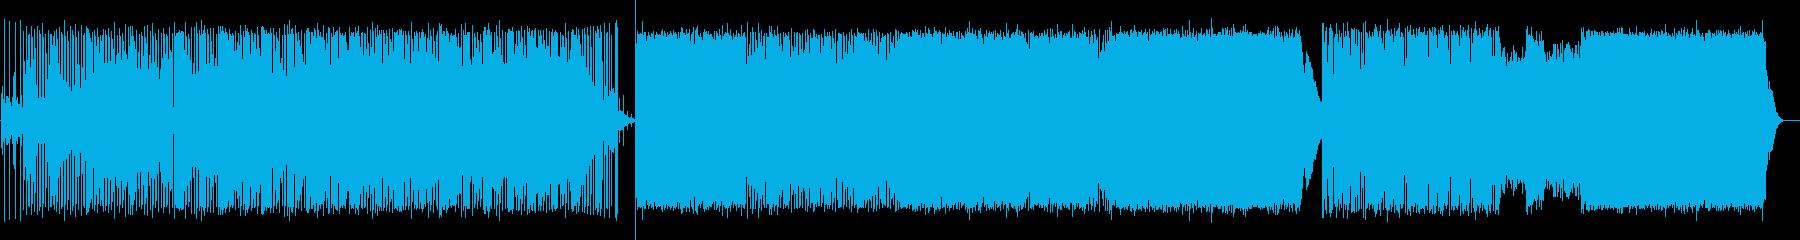 柔らかな幻想的サウンドの再生済みの波形